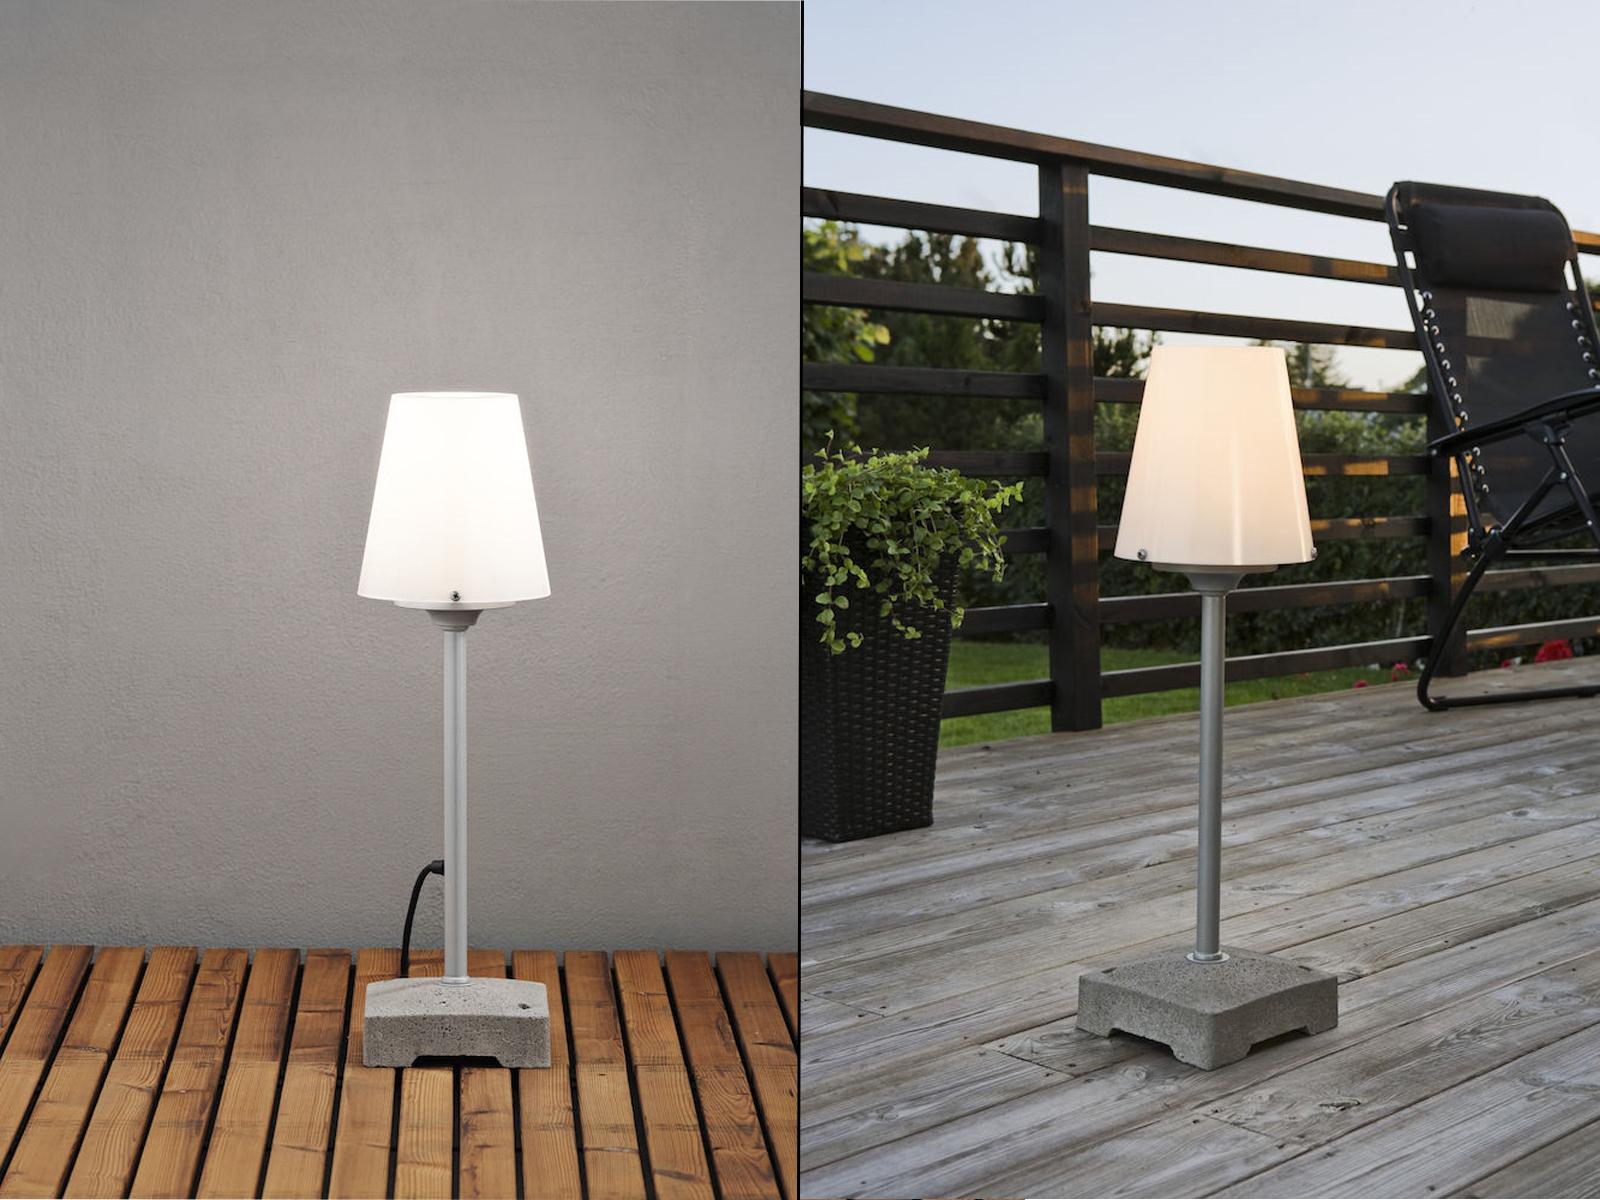 vendita online sconto prezzo basso Bassa bianca Lampada Terrazza Lampada Stand Piantana giardino lampada lampada lampada  fino al 42% di sconto